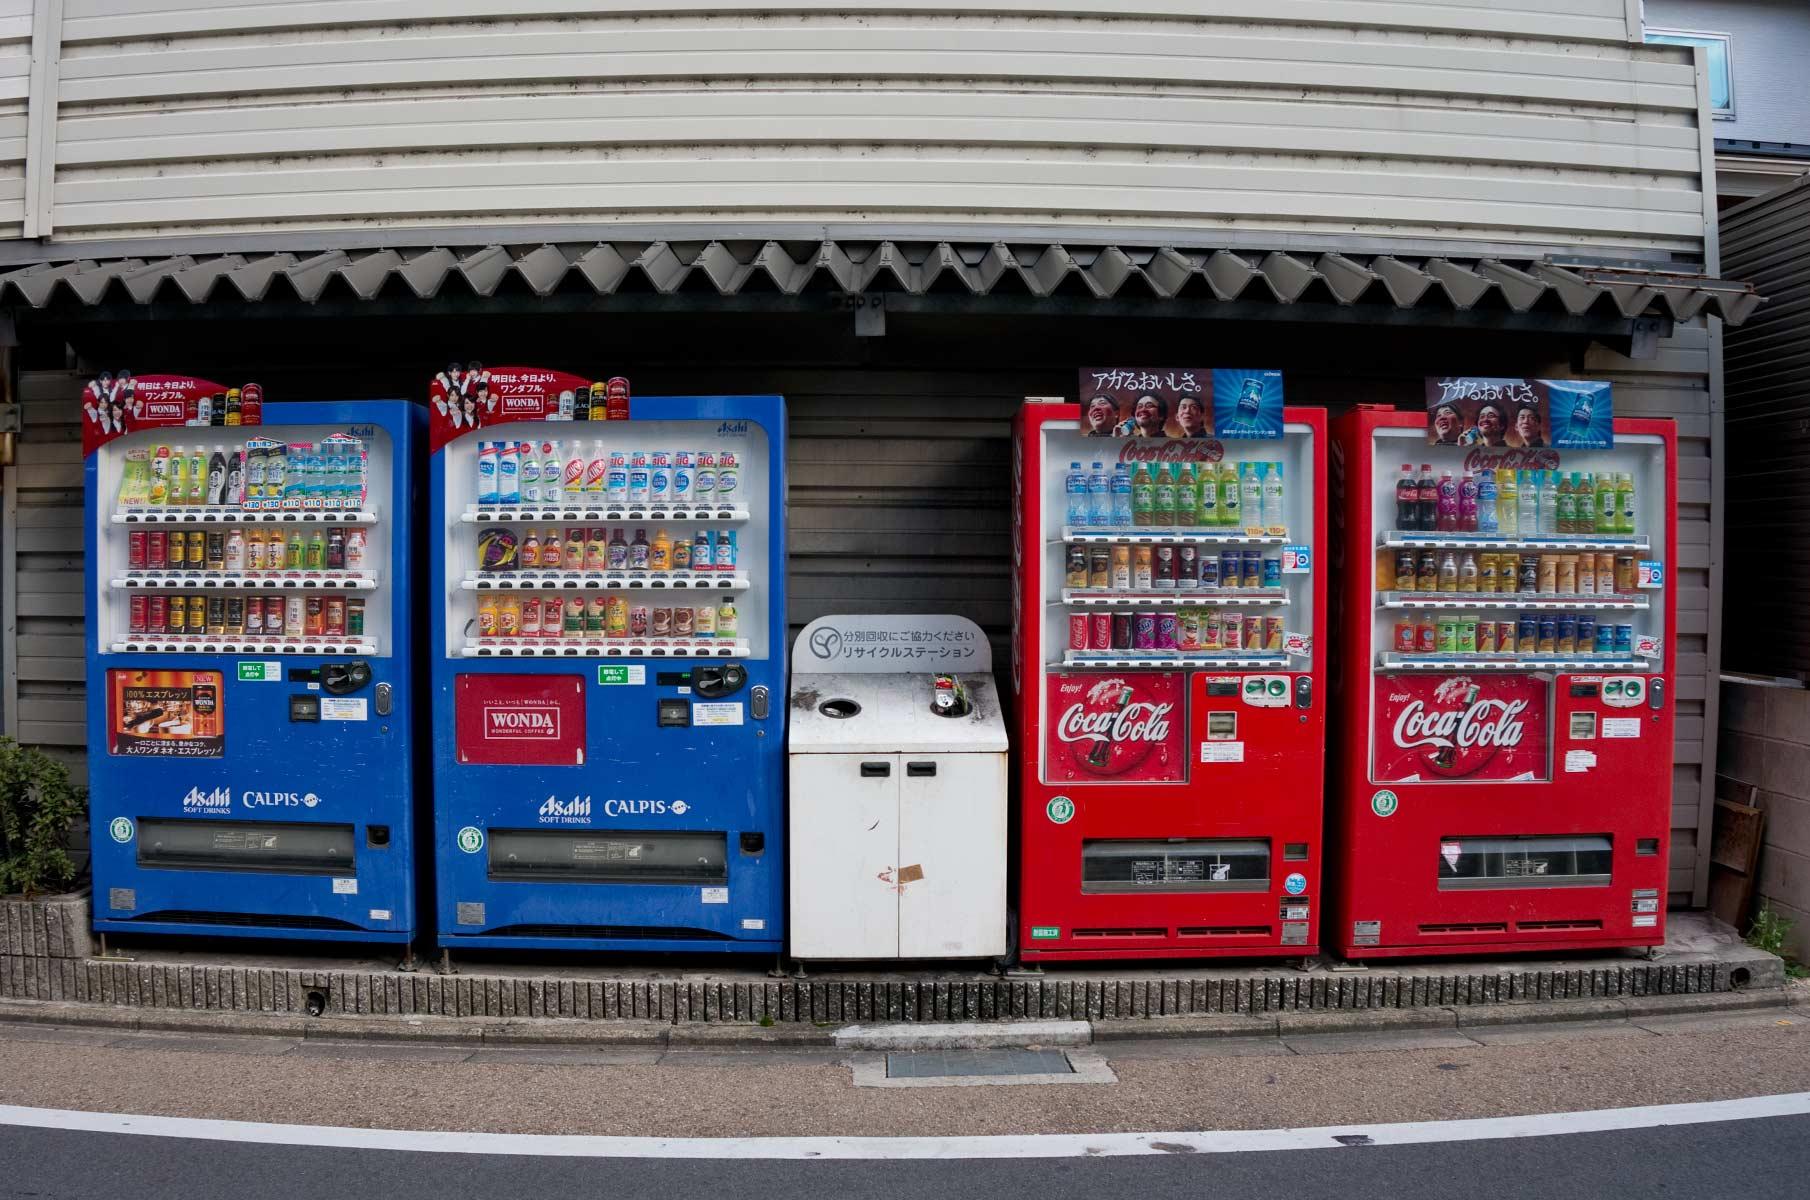 Coca Cola und Asahi Calpis Getränkeautomaten in Osaka, Japan